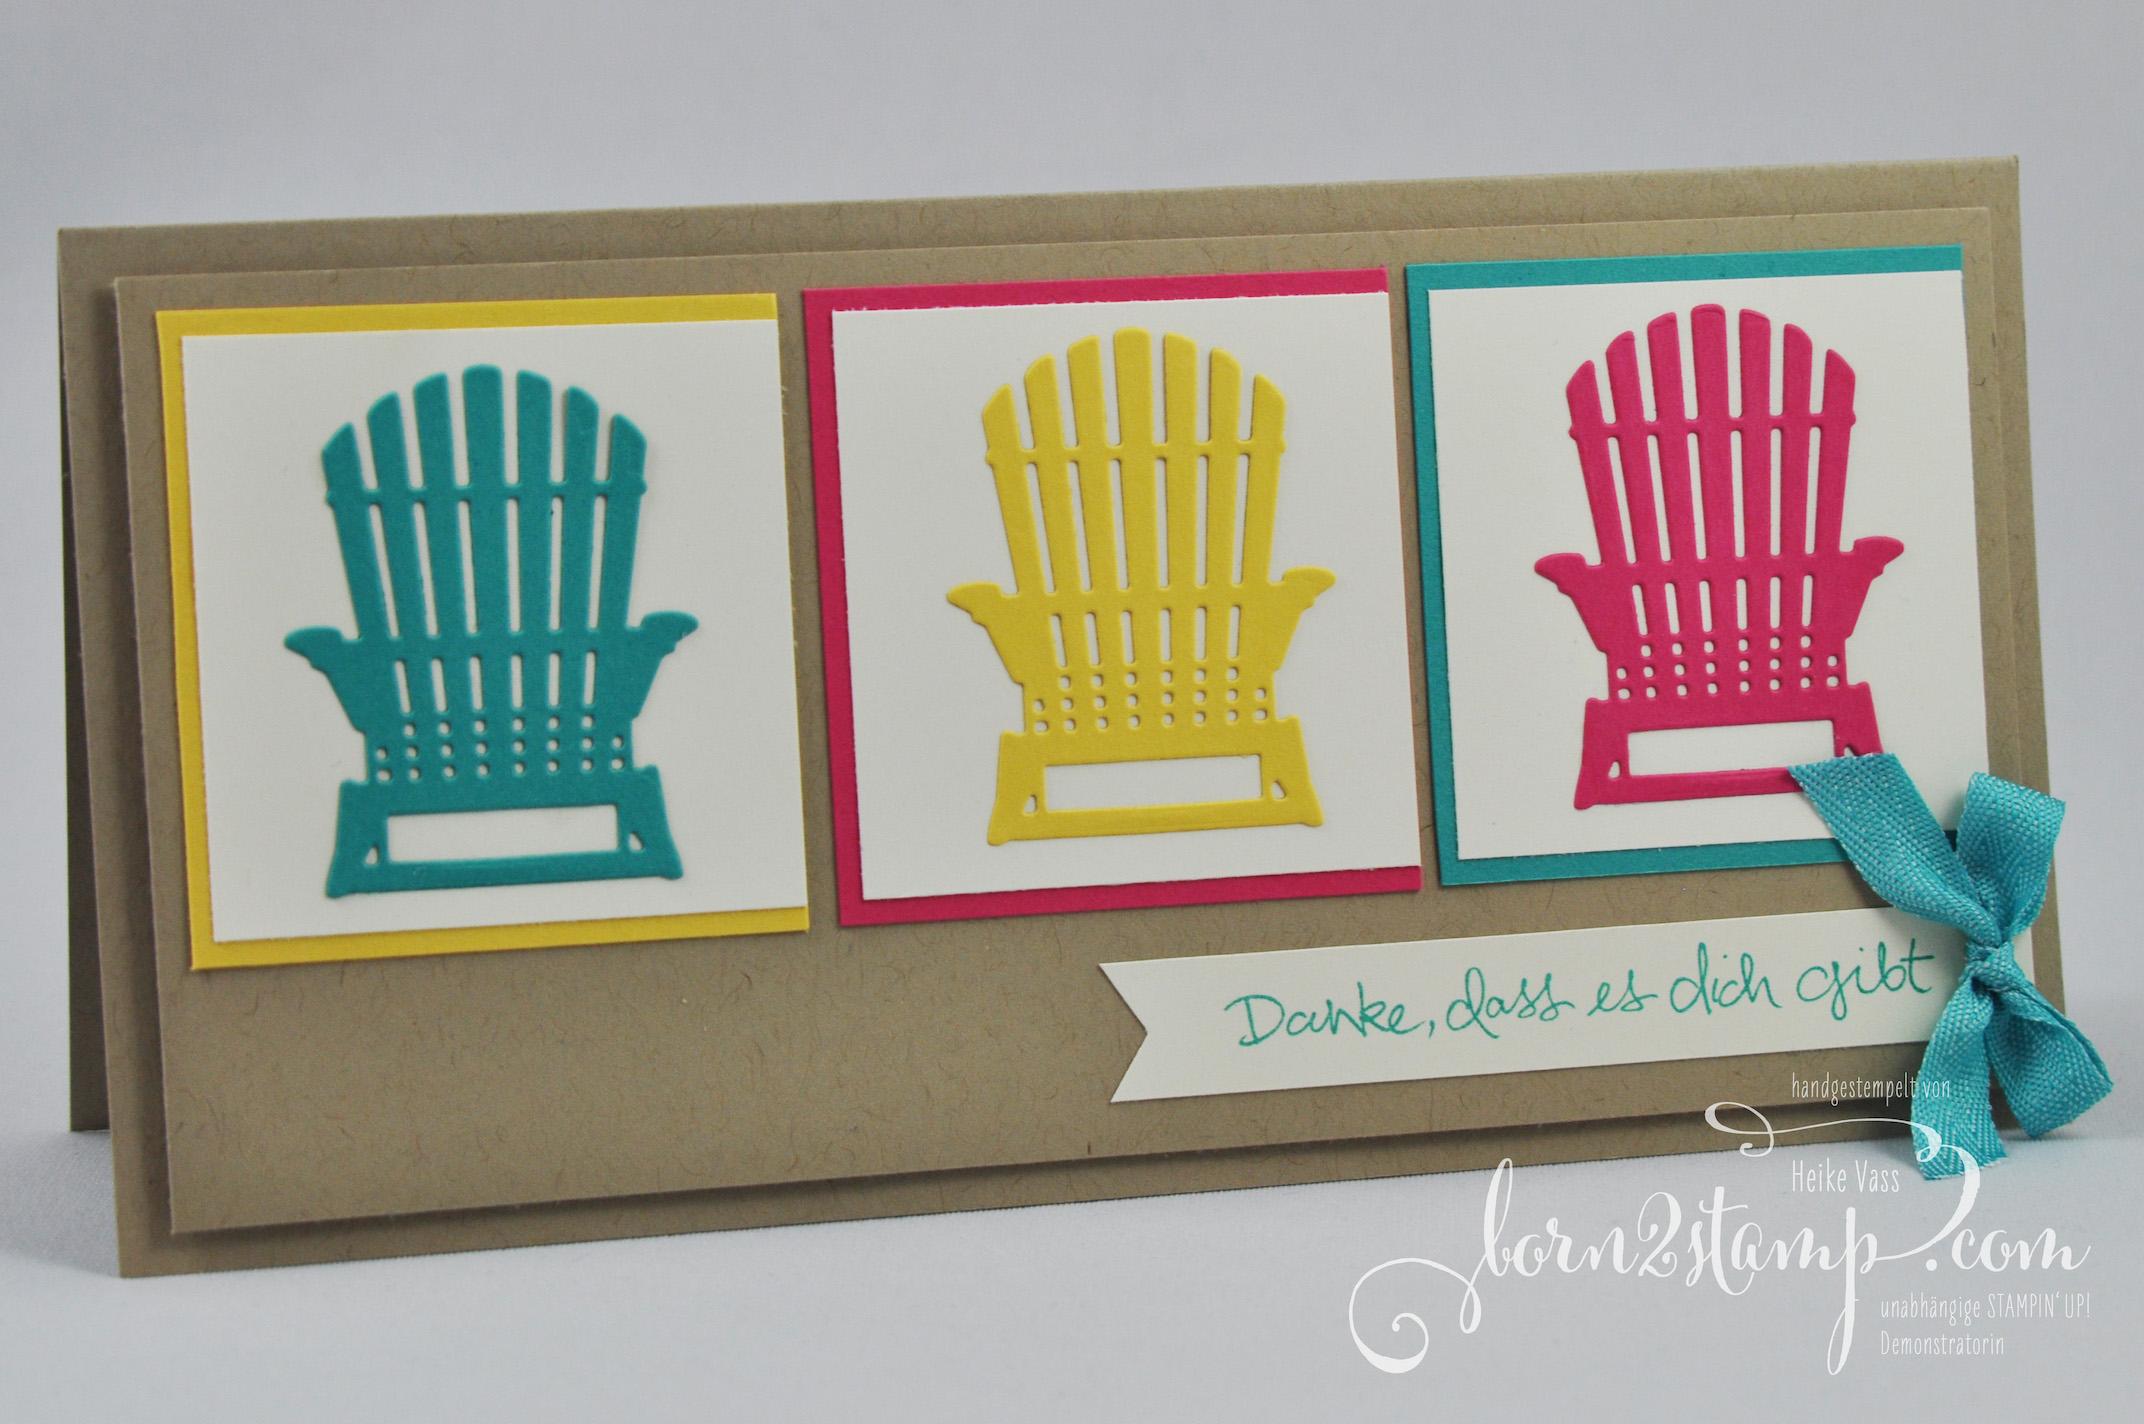 born2stamp STAMPIN' UP! INKSPIRE_me – Dankeskarte – Jahr voller Farben – Baum der Freundschaft